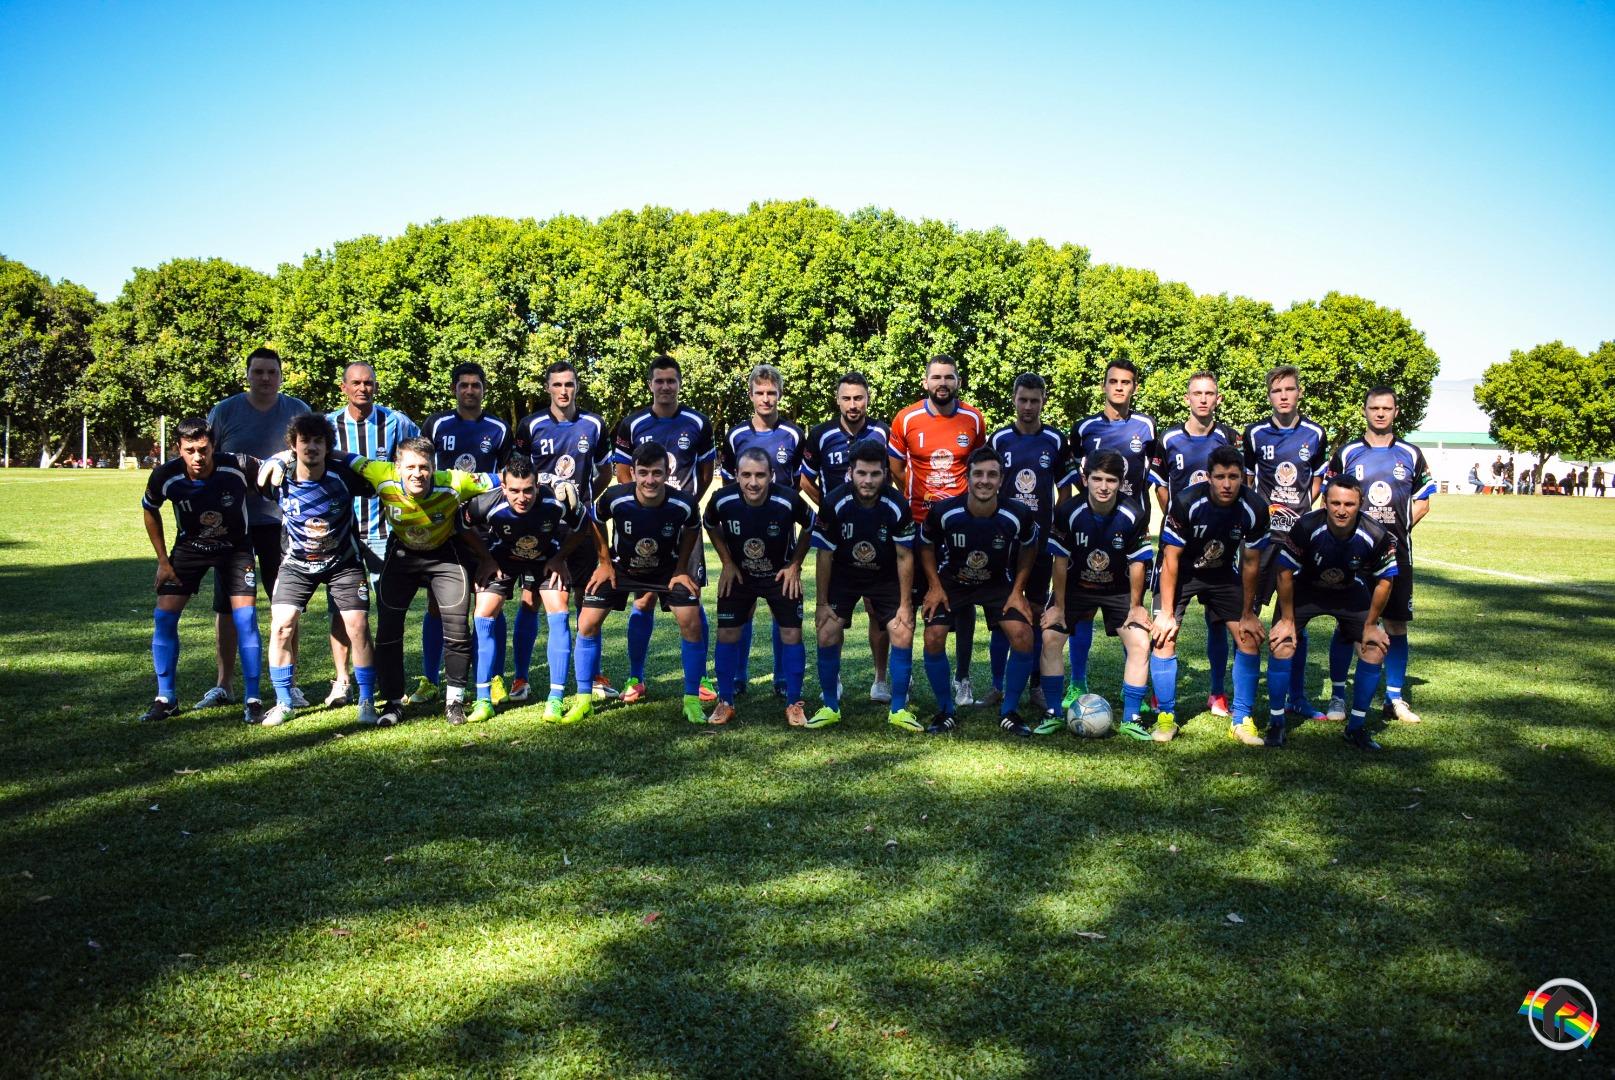 Grêmio Guamirim empata com Pérola e está na semifinal do Campeonato Municipal